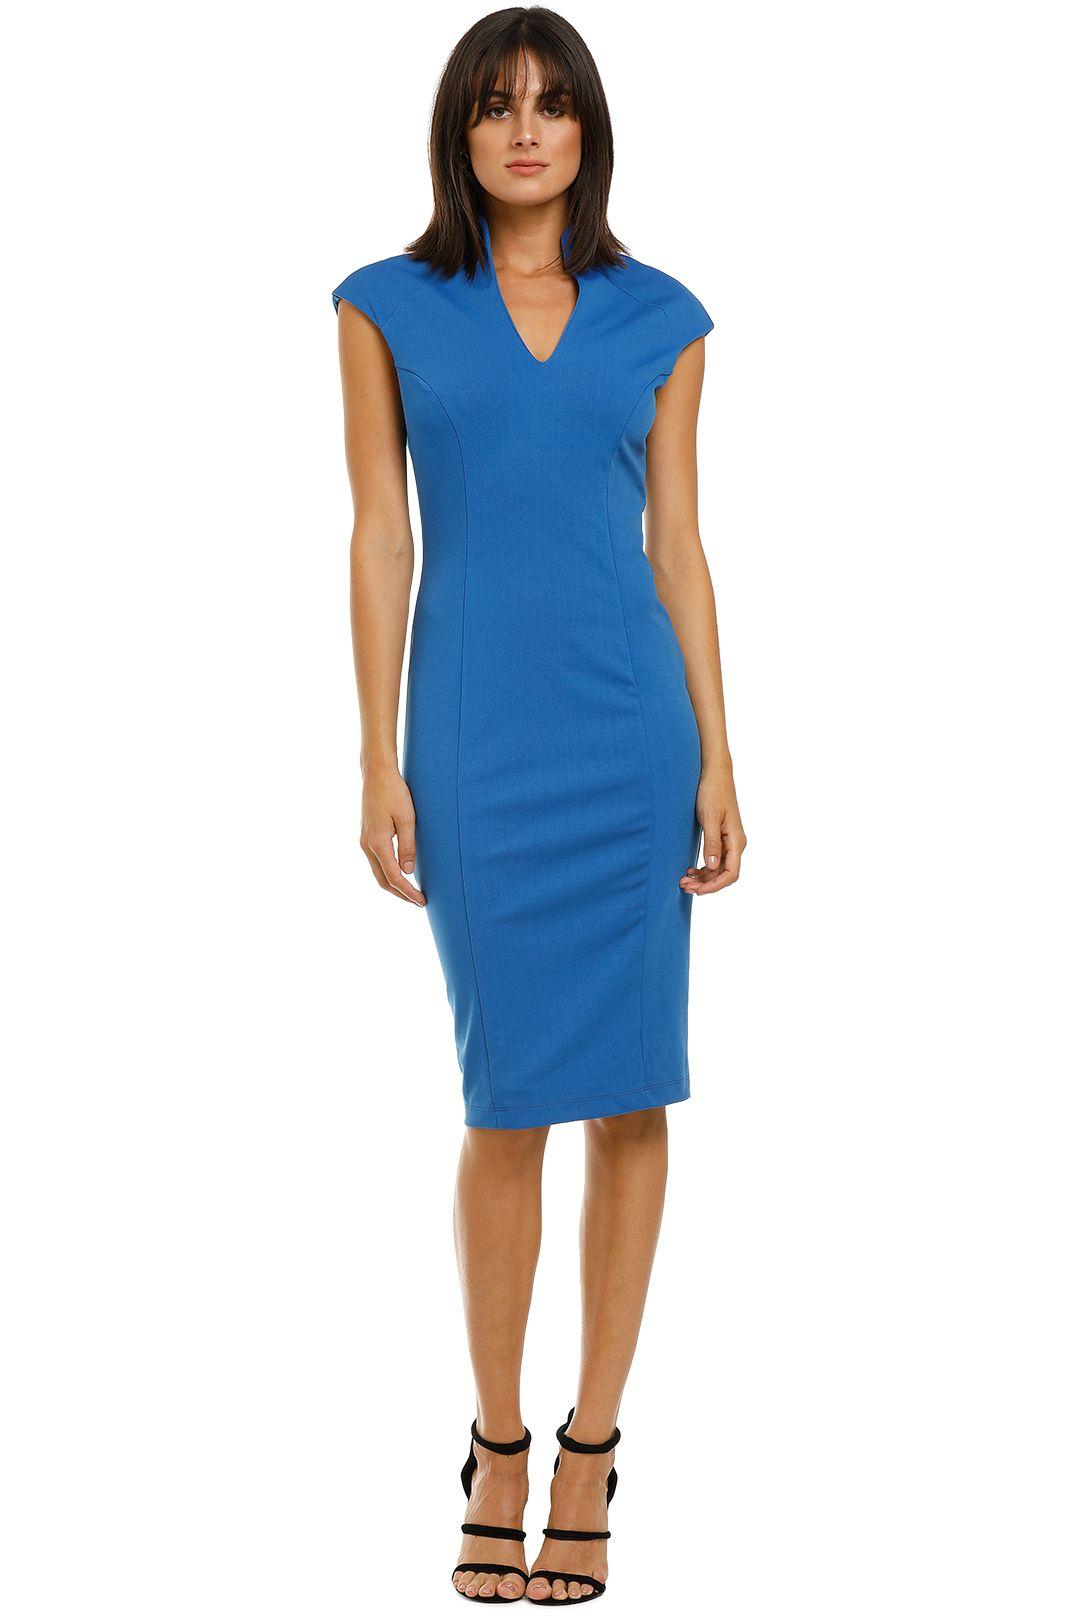 Alexia-Admor-Katrina-V-Neck-Midi-Dress-Cobalt-Front